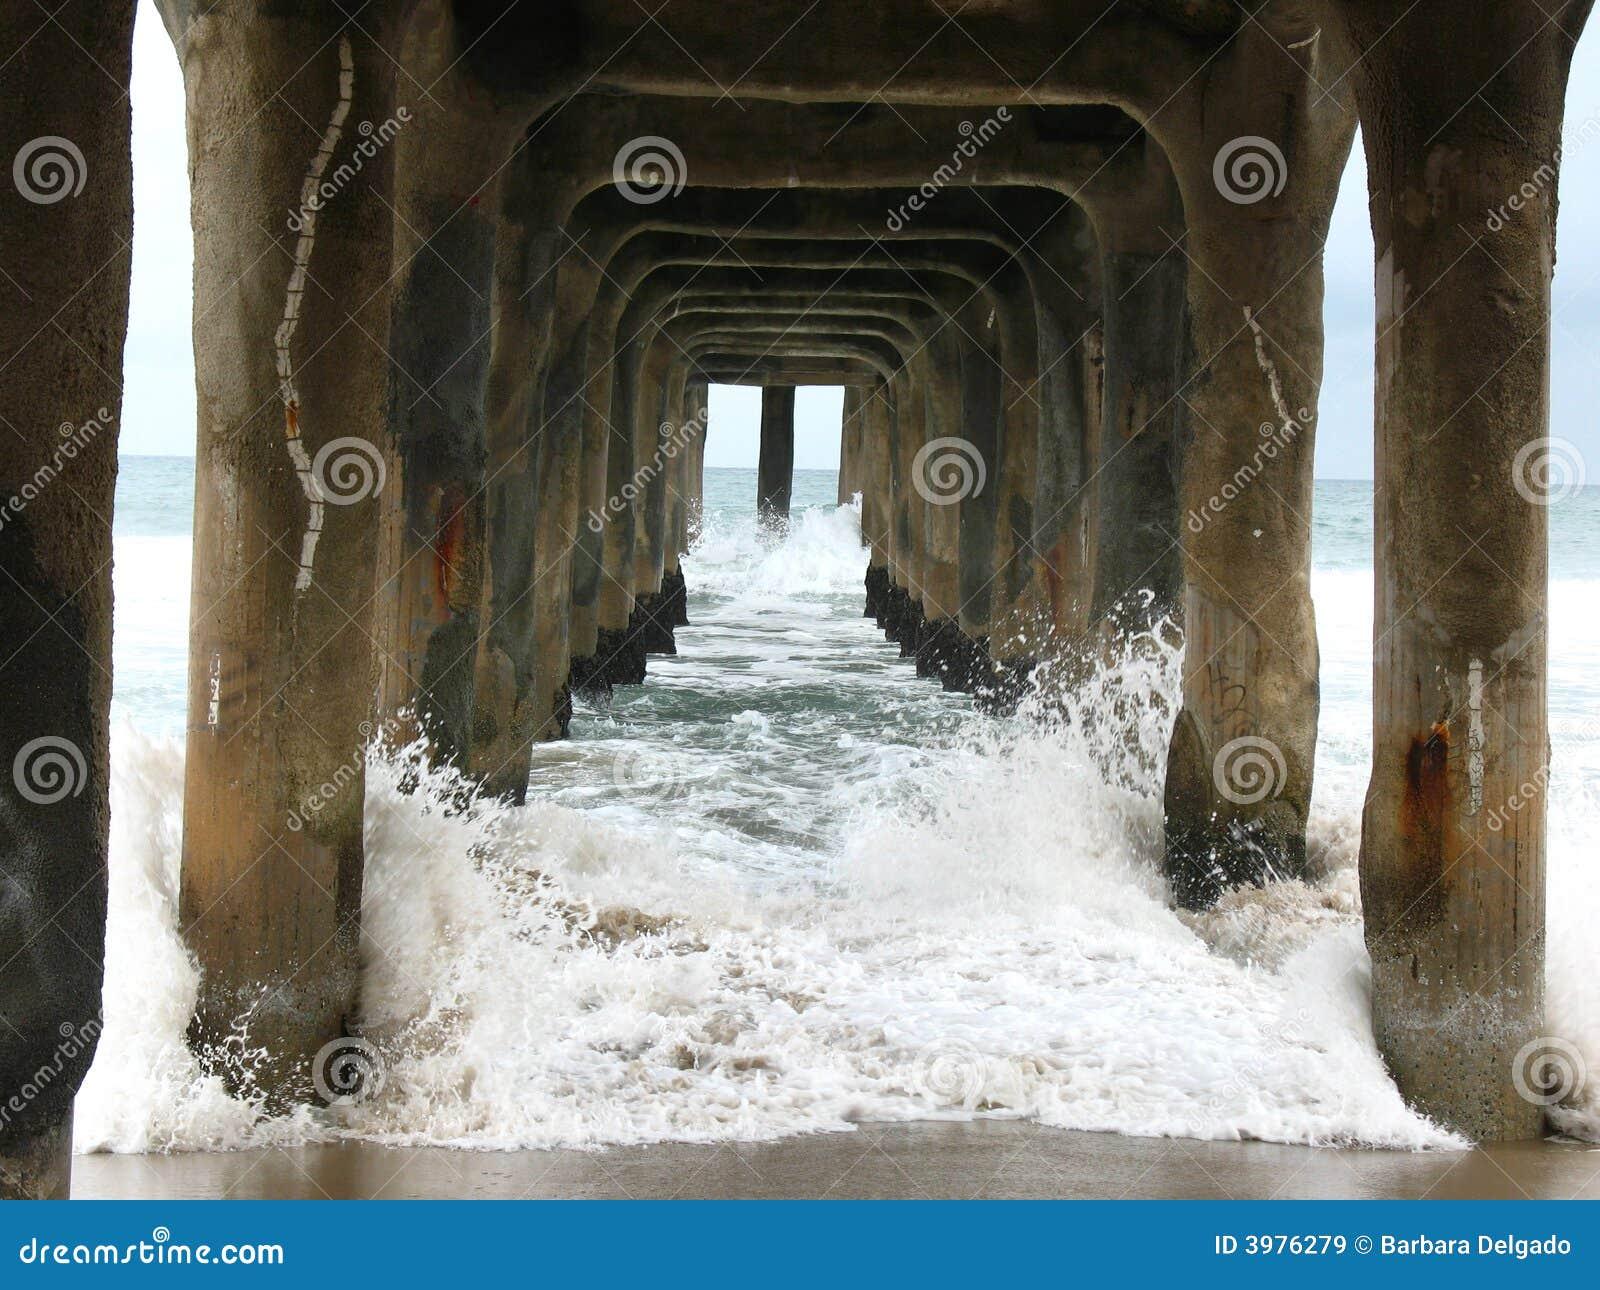 Under Manhattan Beach Pier 2 Stock Image Image Of Photo Surf 3976279